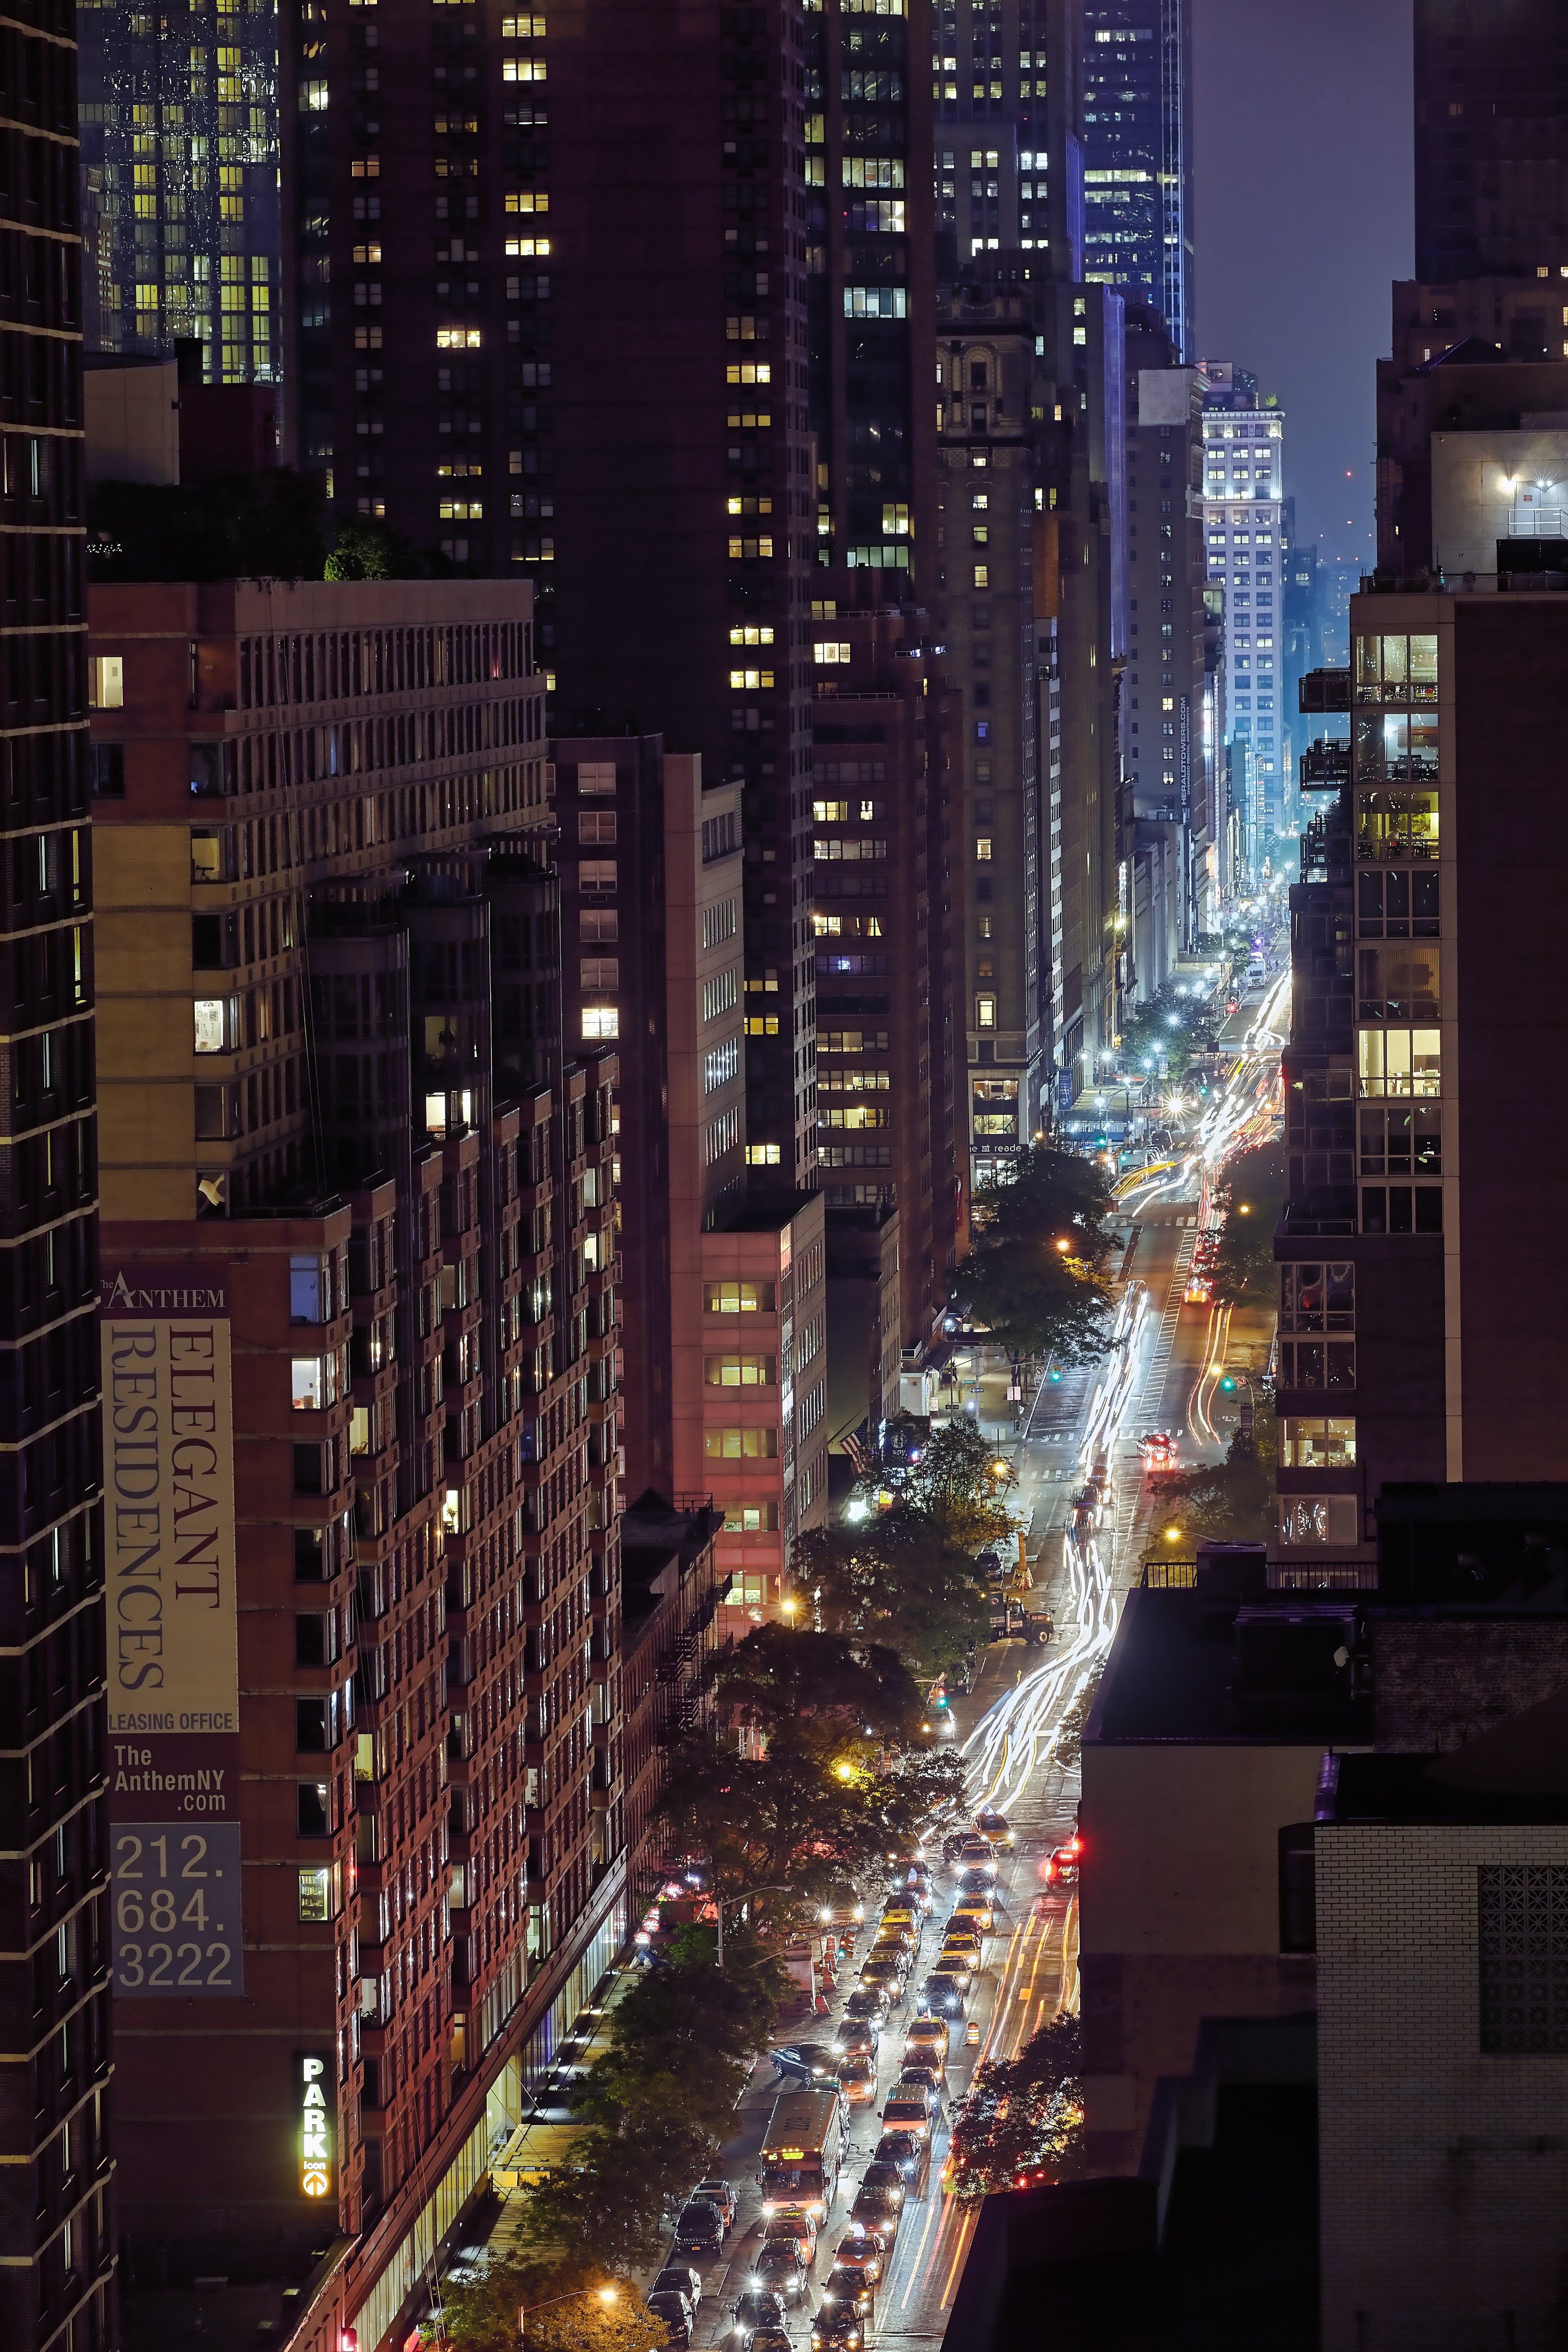 Kostenloses Stock Foto zu abend, architektur, beleuchtet, büros